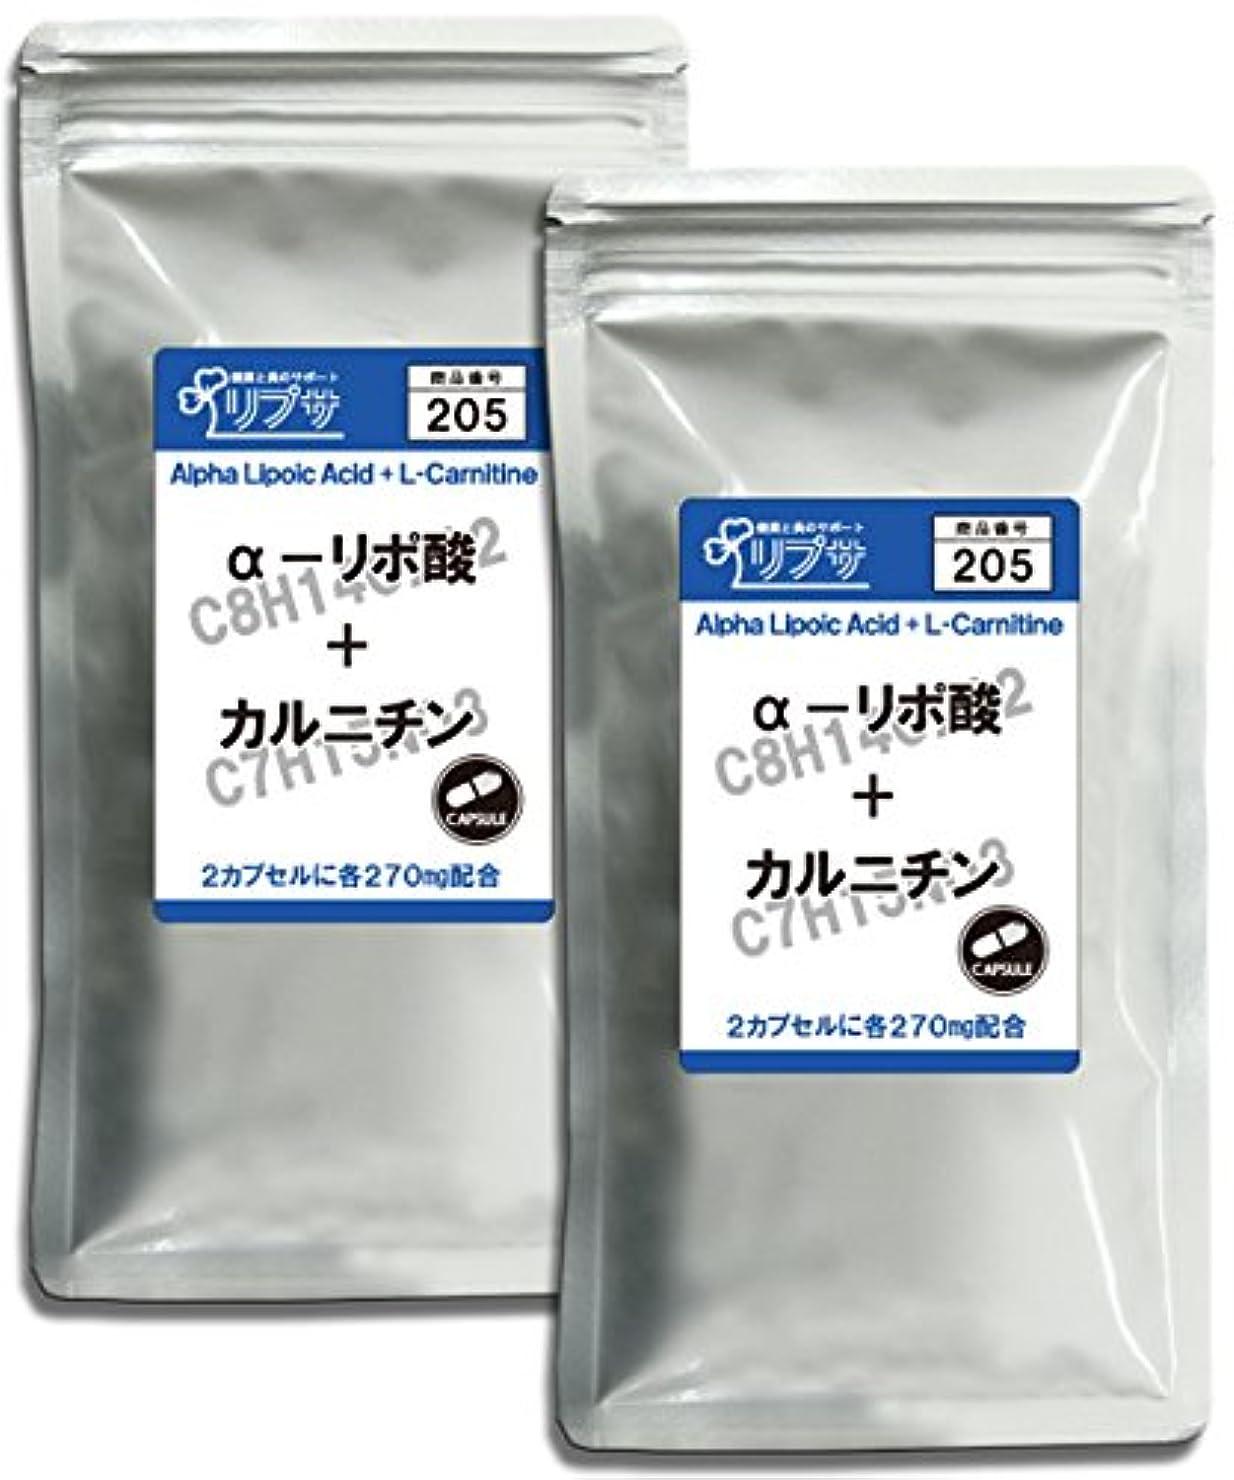 コンセンサス海小道アルファリポ酸+カルニチン 約3か月分×2袋 C-205-2